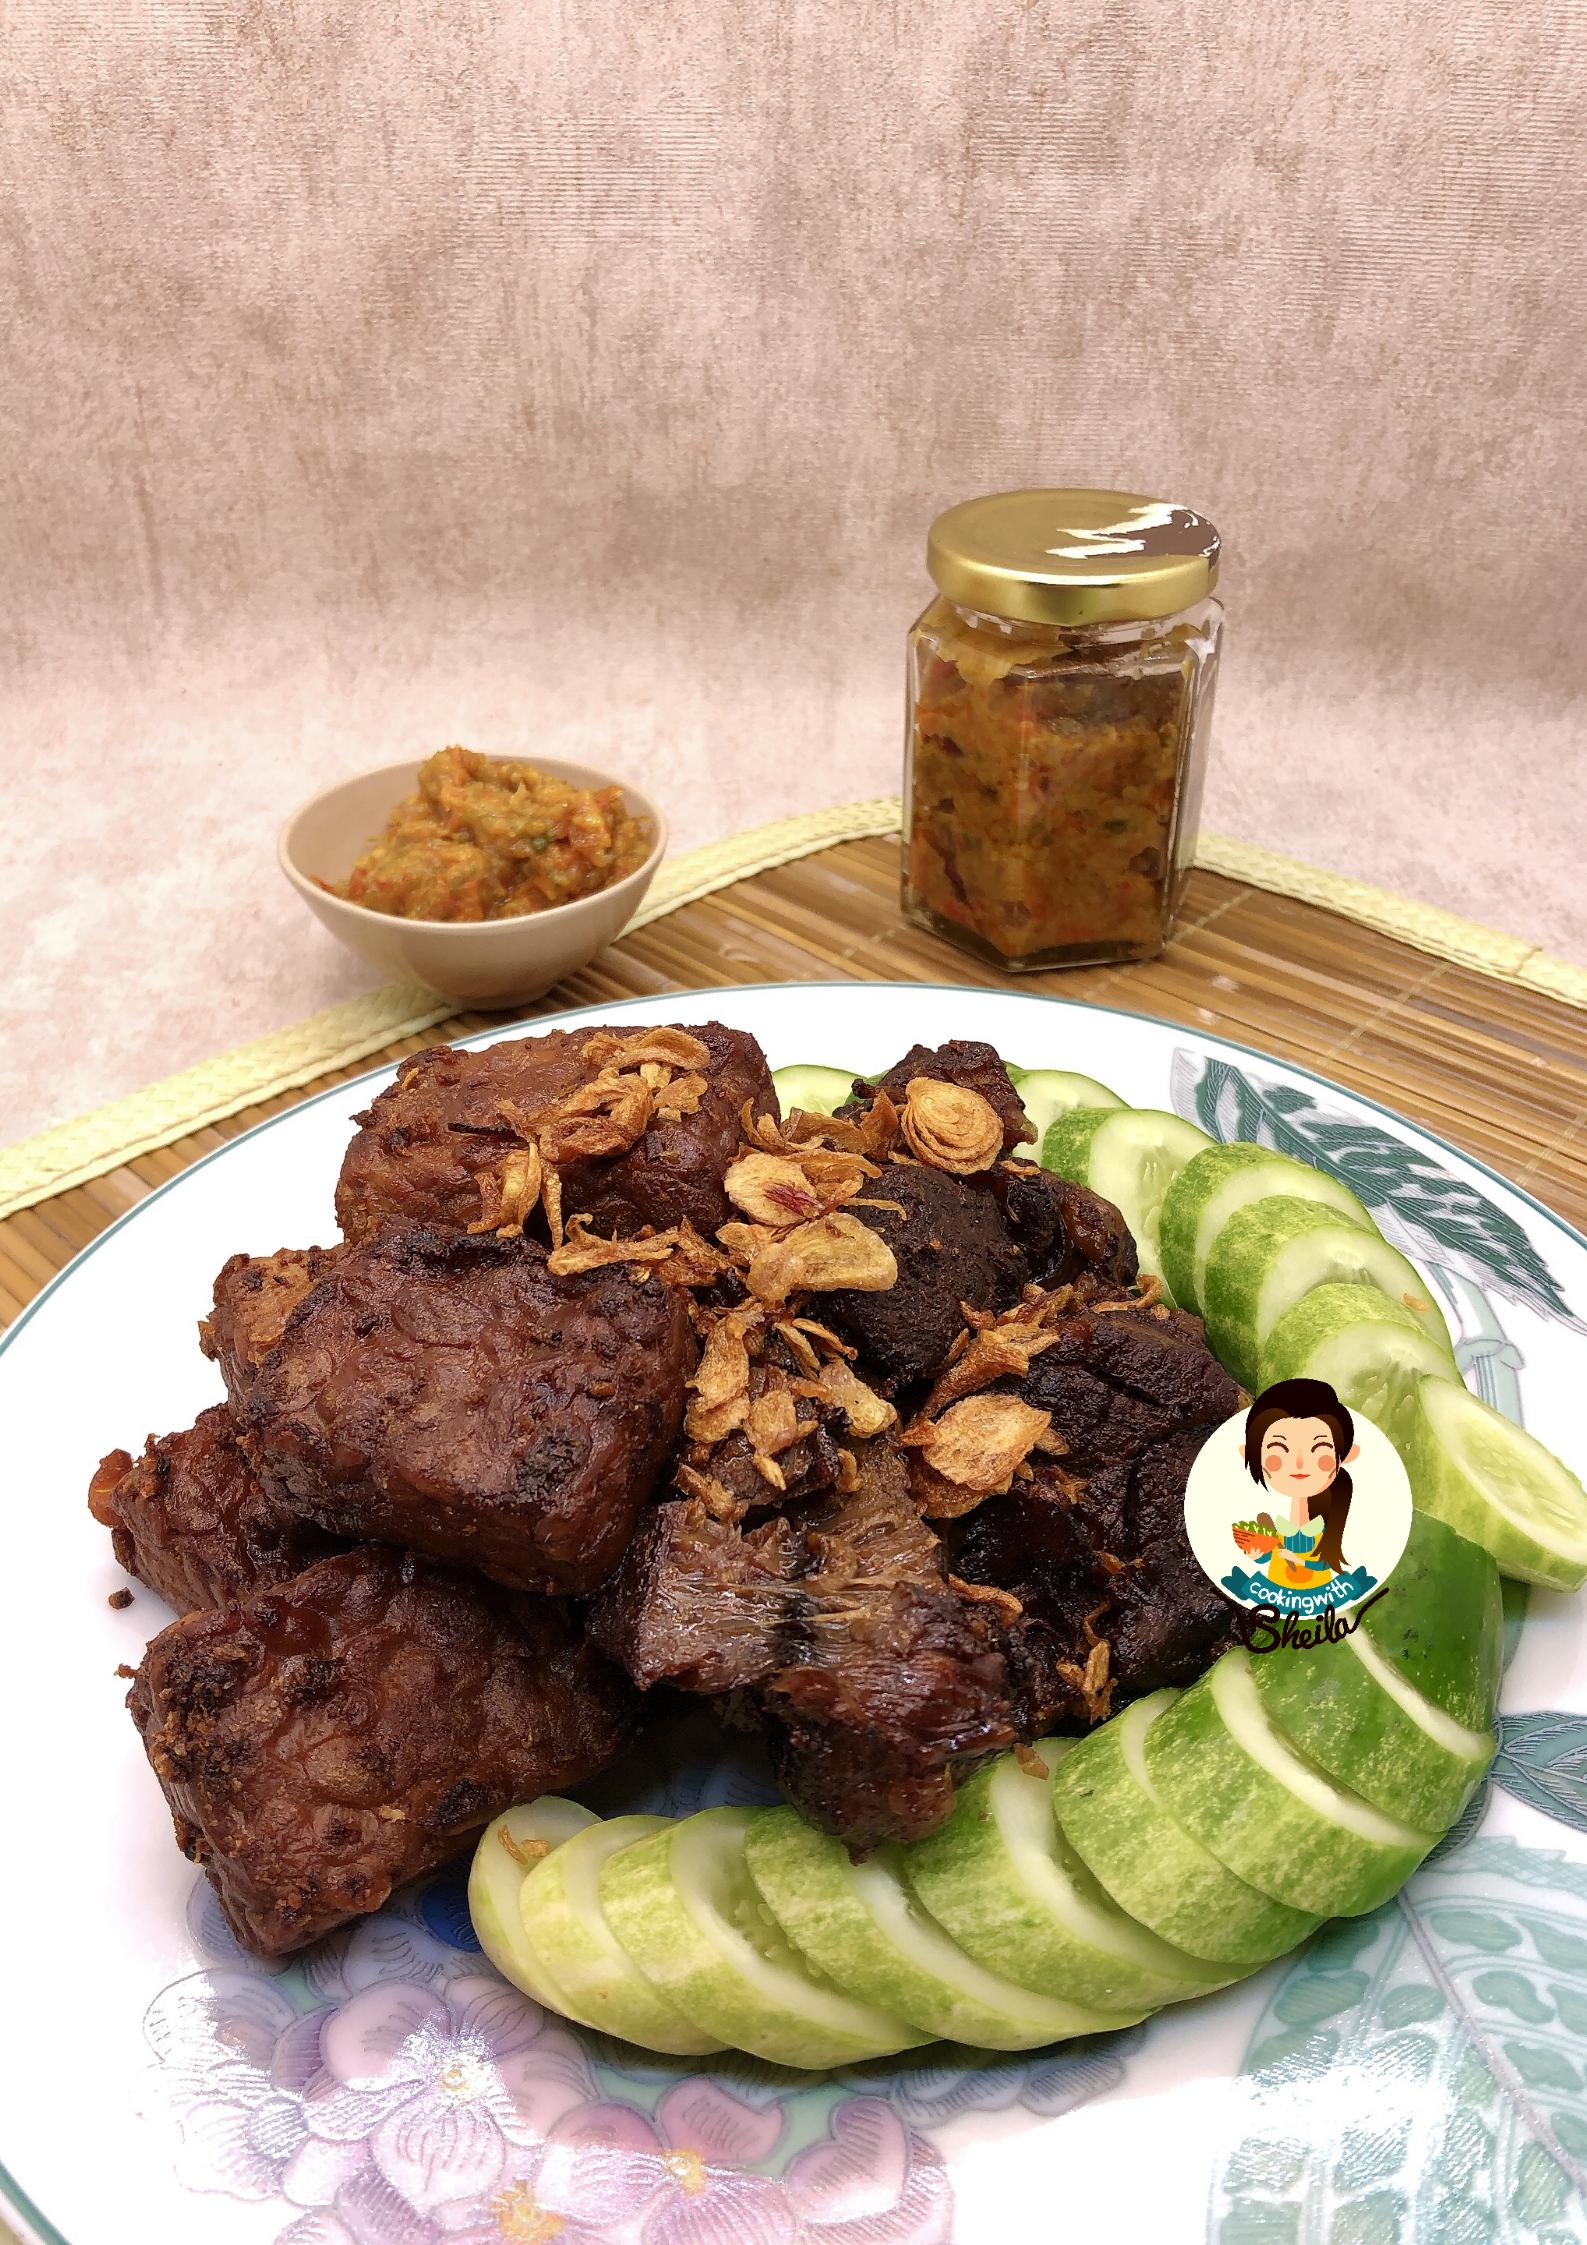 Resep Bistik Daging Sapi Resep Ibu Simple Enak Oleh Diyah Kuntari Resep Daging Sapi Resep Resep Daging Sapi